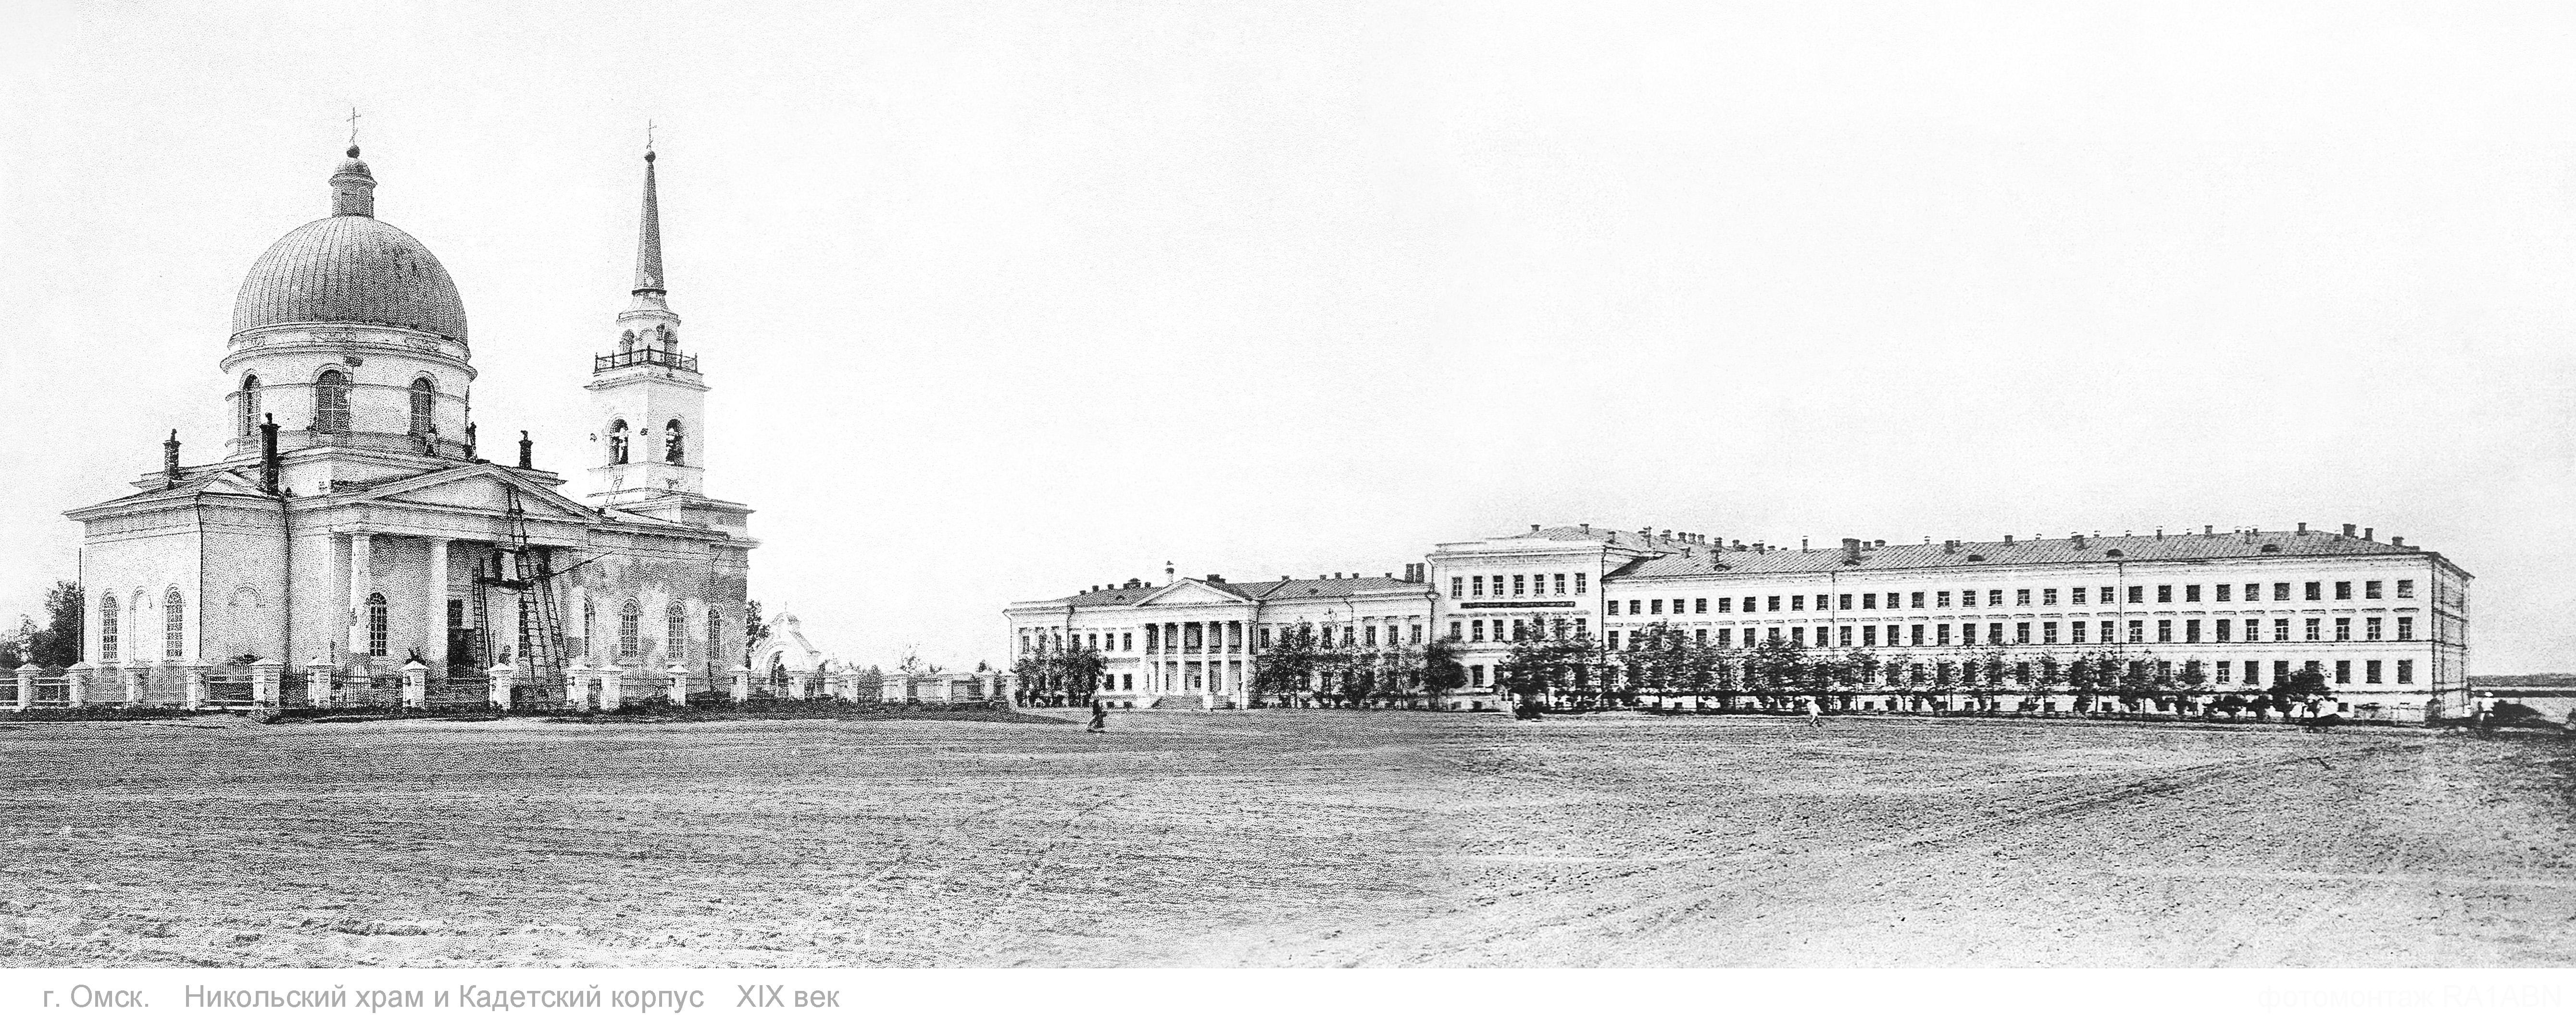 Формирование и развитие архитектурного ансамбля Омского кадетского корпуса